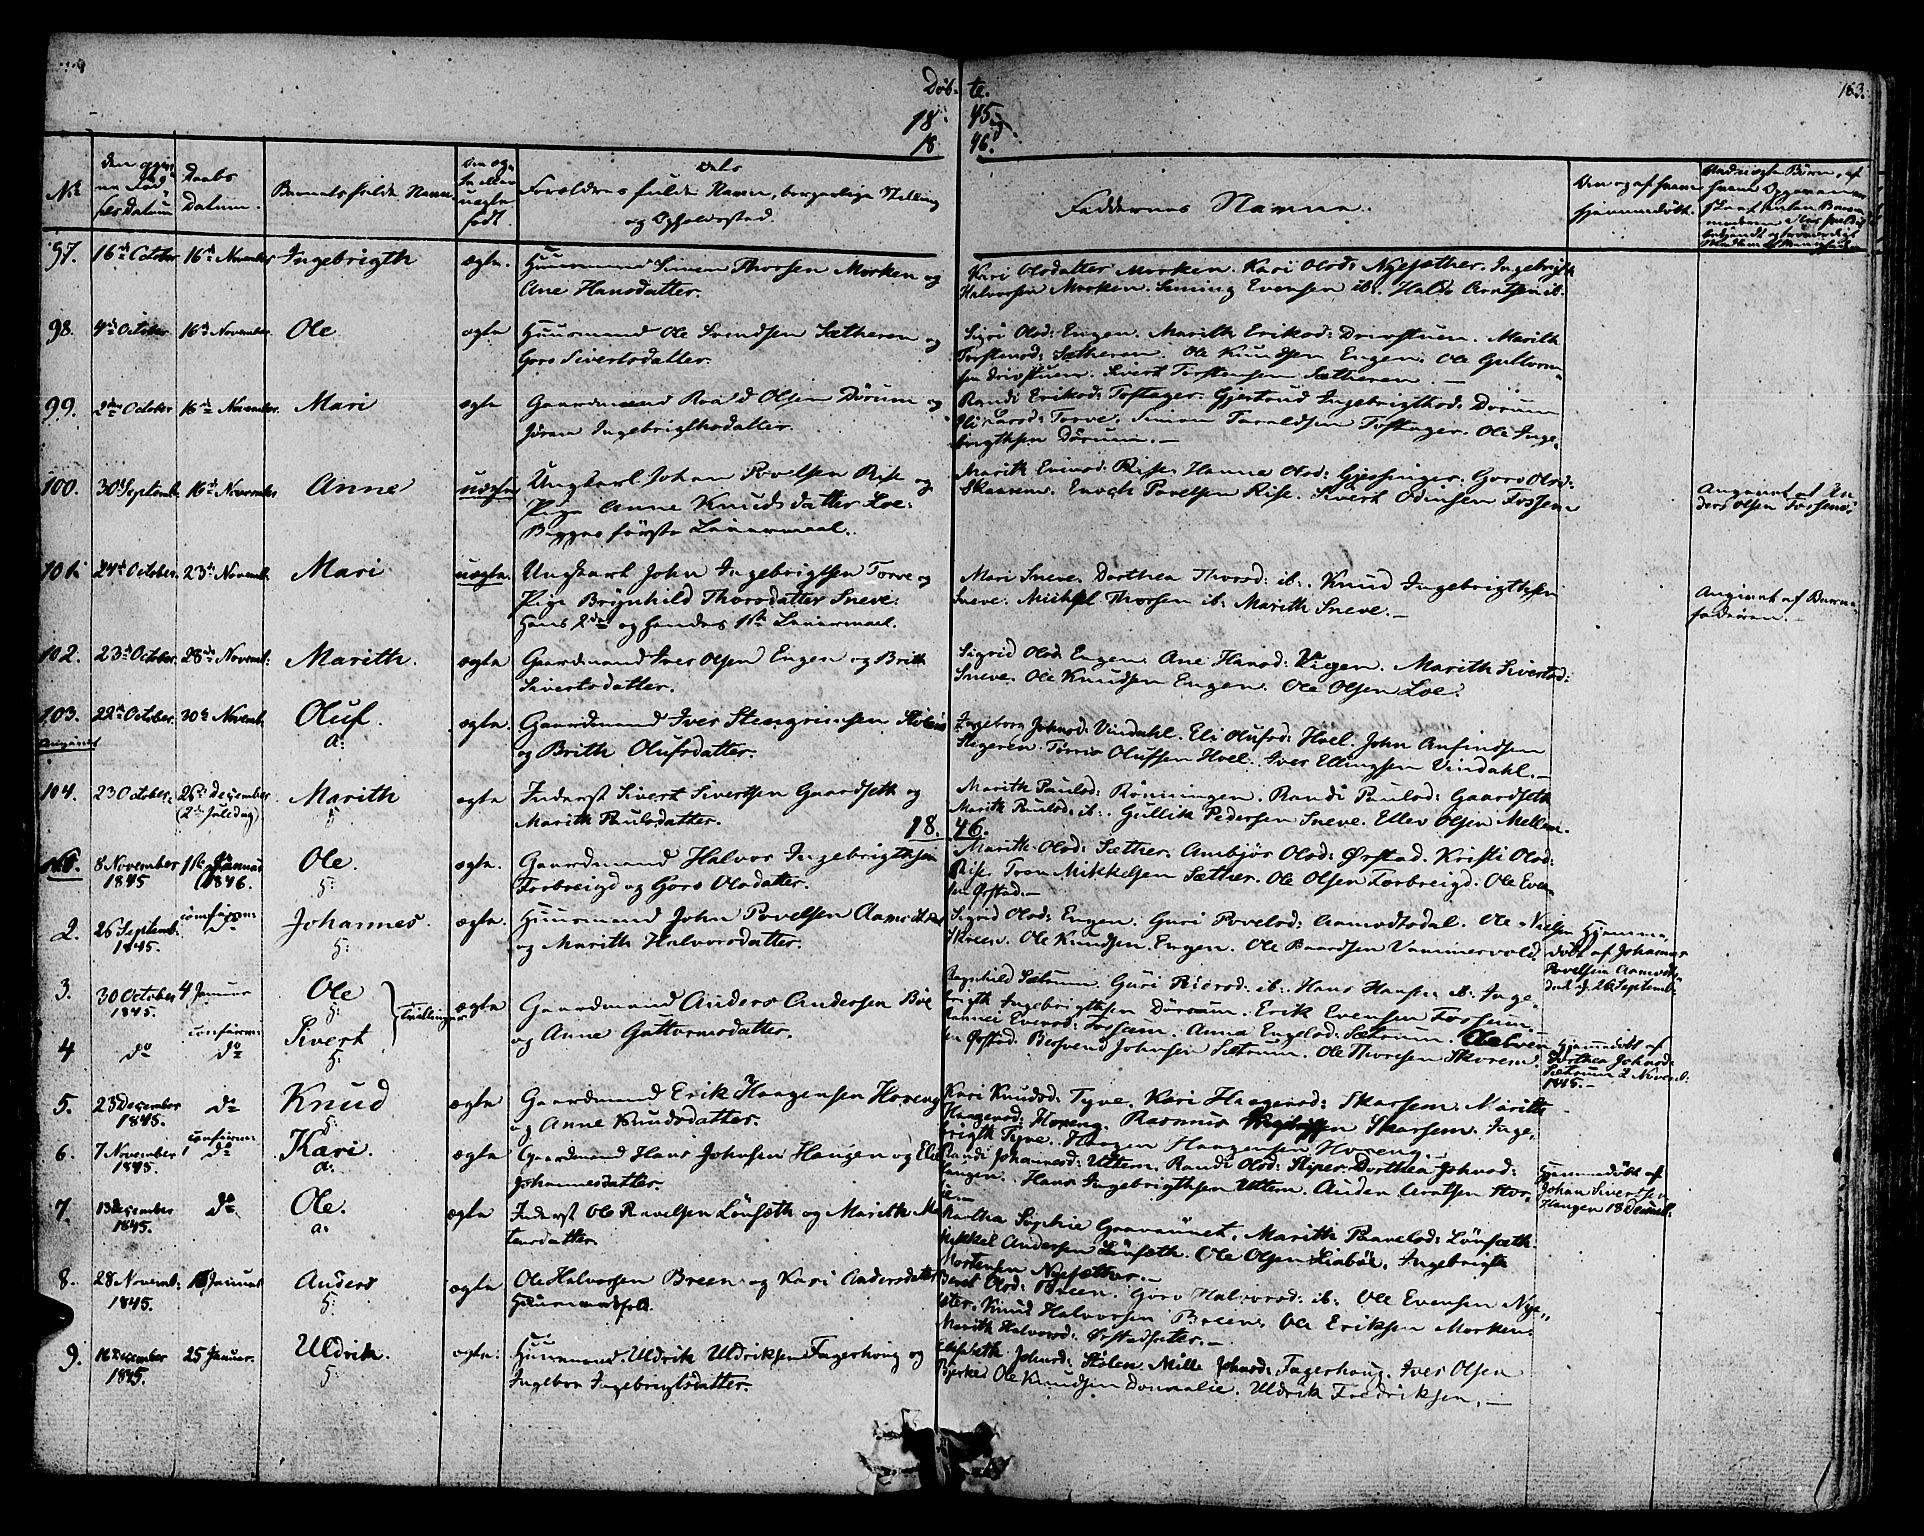 SAT, Ministerialprotokoller, klokkerbøker og fødselsregistre - Sør-Trøndelag, 678/L0897: Ministerialbok nr. 678A06-07, 1821-1847, s. 163